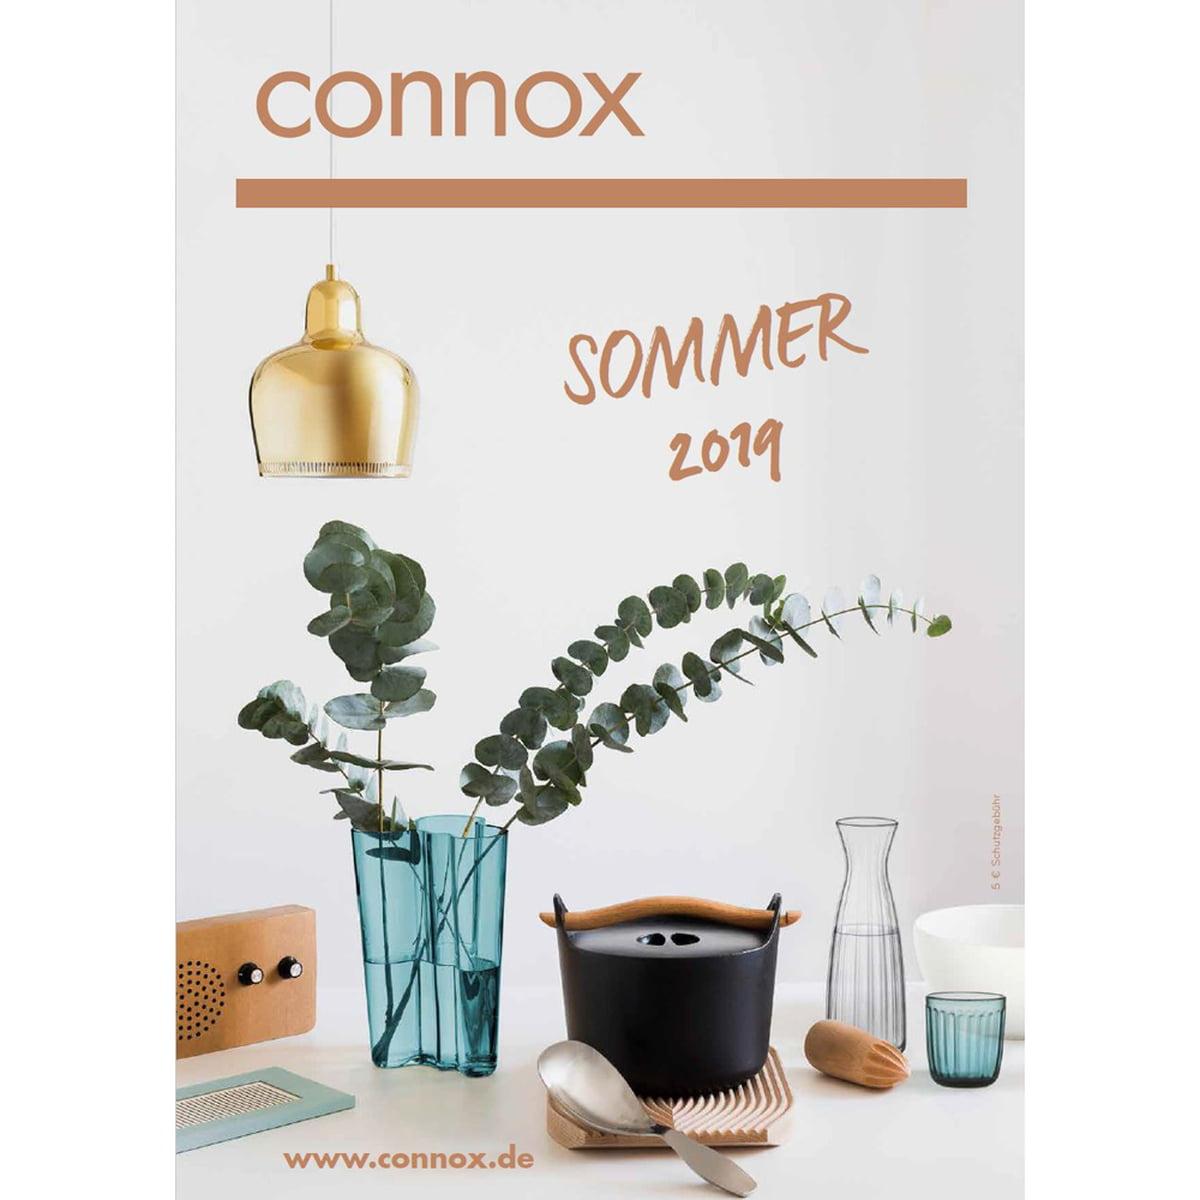 ddfff97df4 Der Connox Katalog für den Wohndesign-Shop